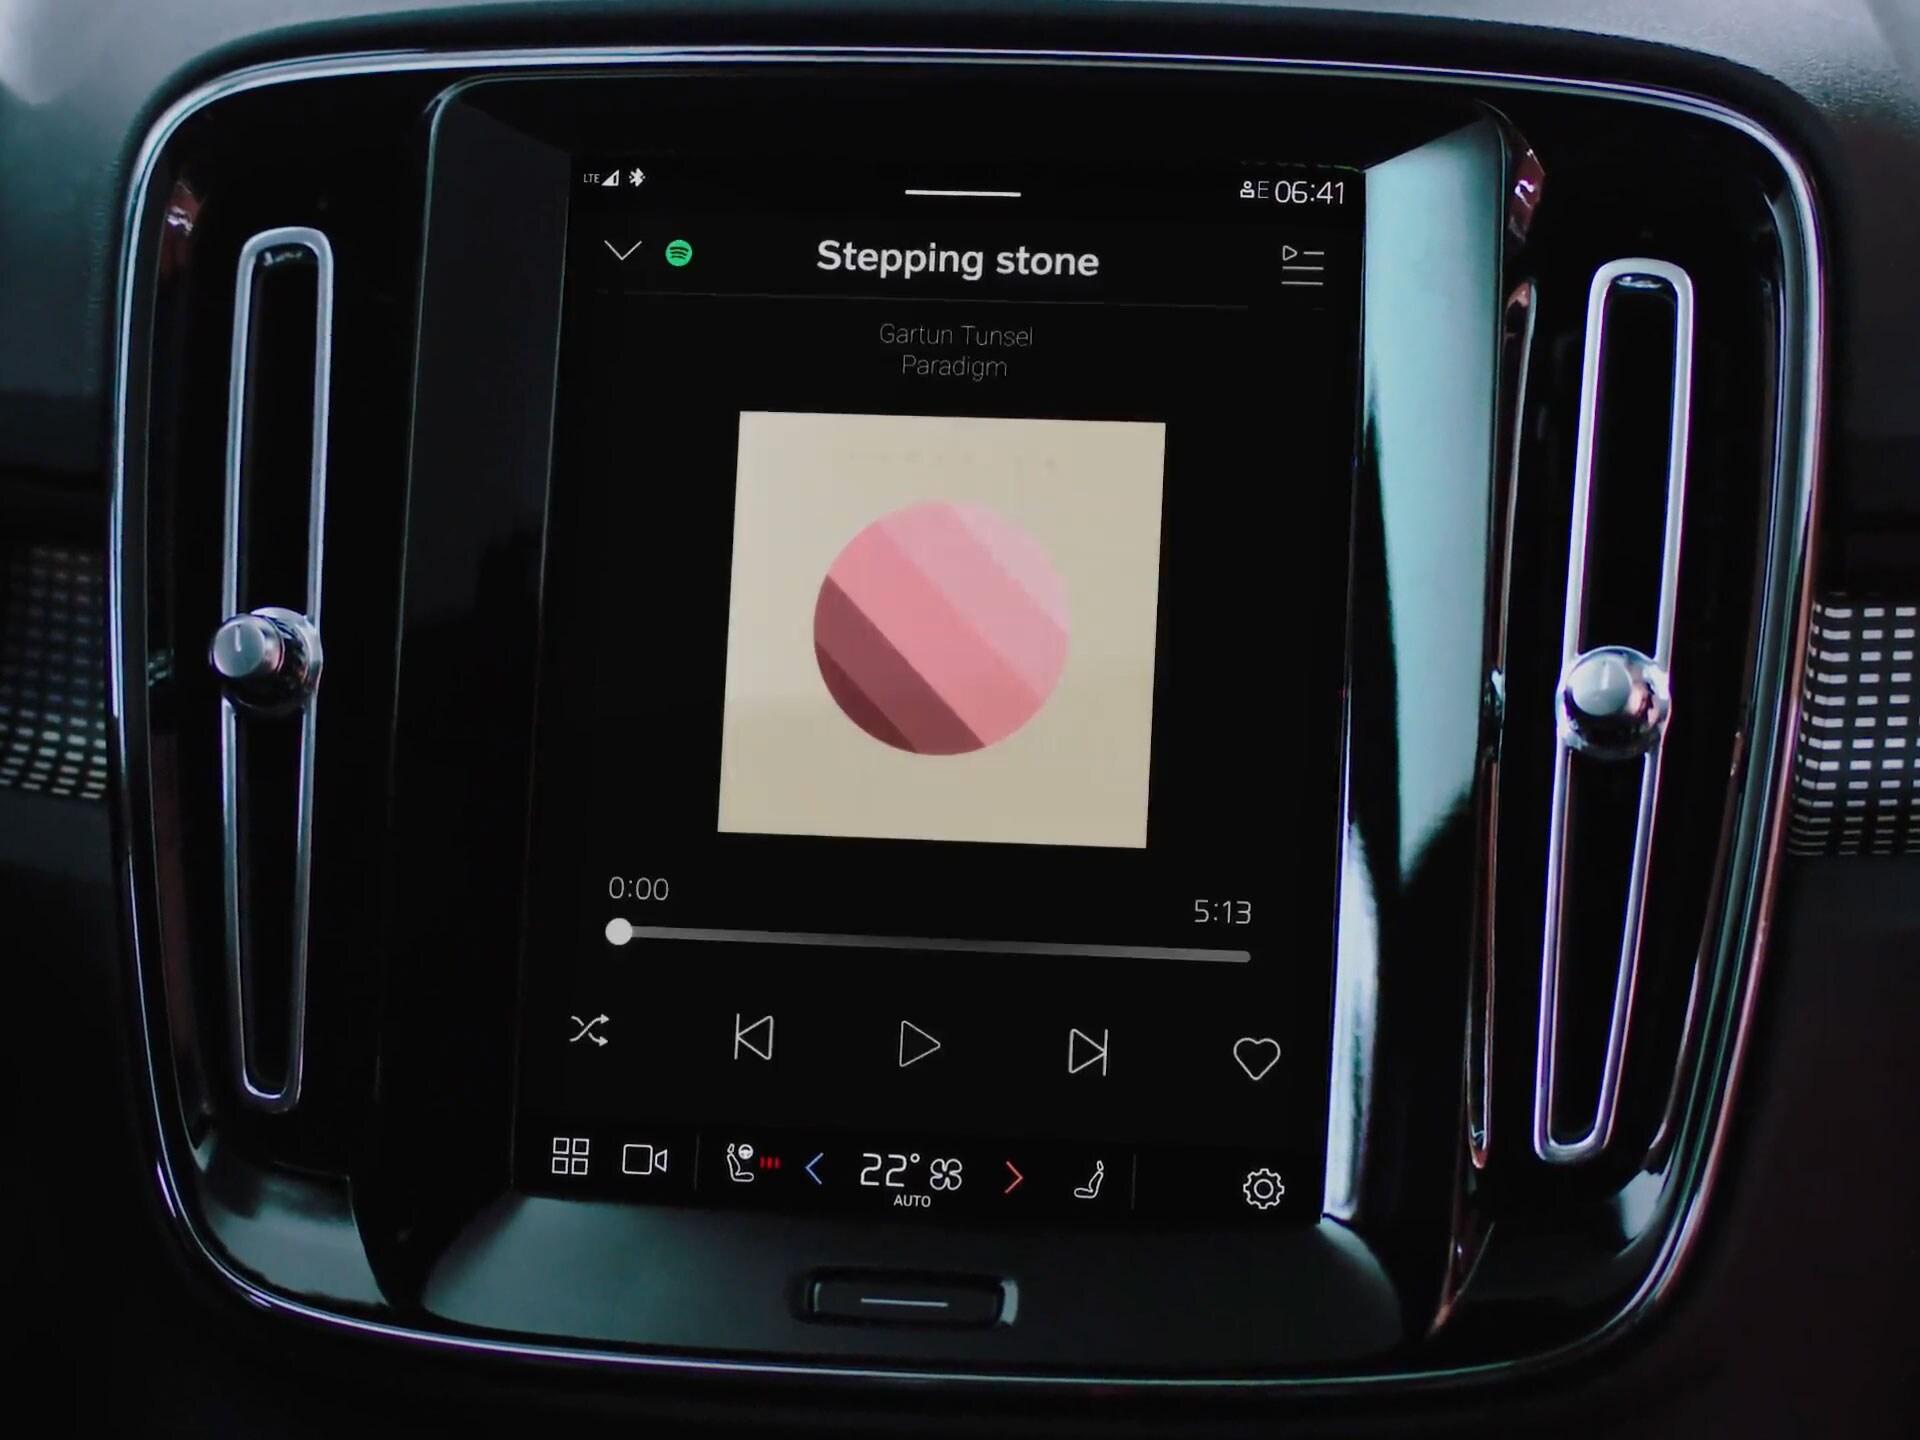 Commande vocale grâce à Google Assistant dans une Volvo XC40 Recharge.